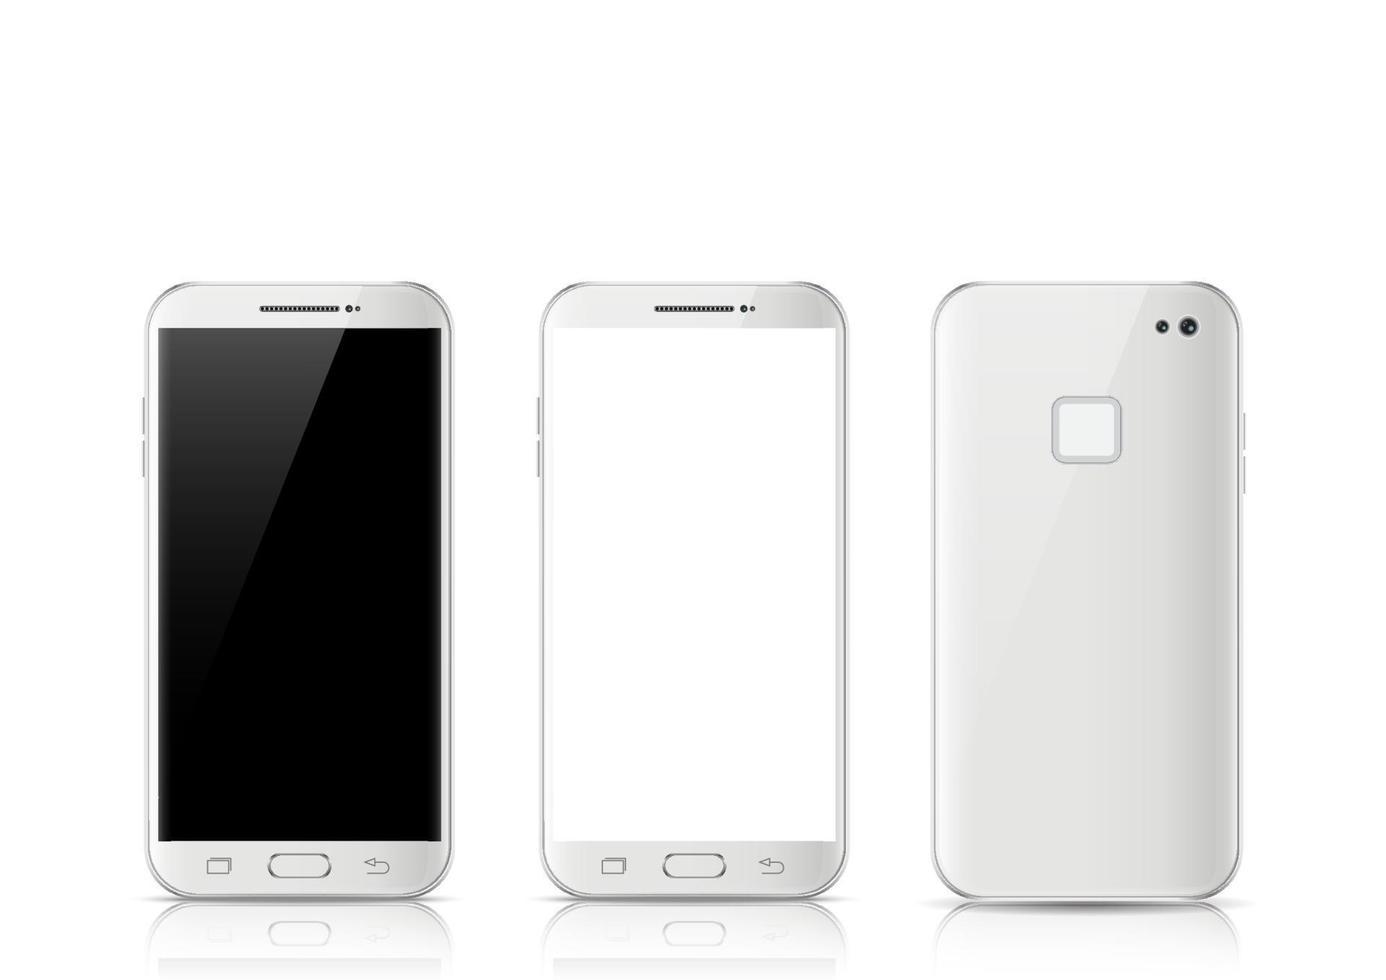 modernes weißes Touchscreen-Handy, Tablet-Smartphone isoliert auf hellem Hintergrund. Telefon Vorder- und Rückseite isoliert. vektor